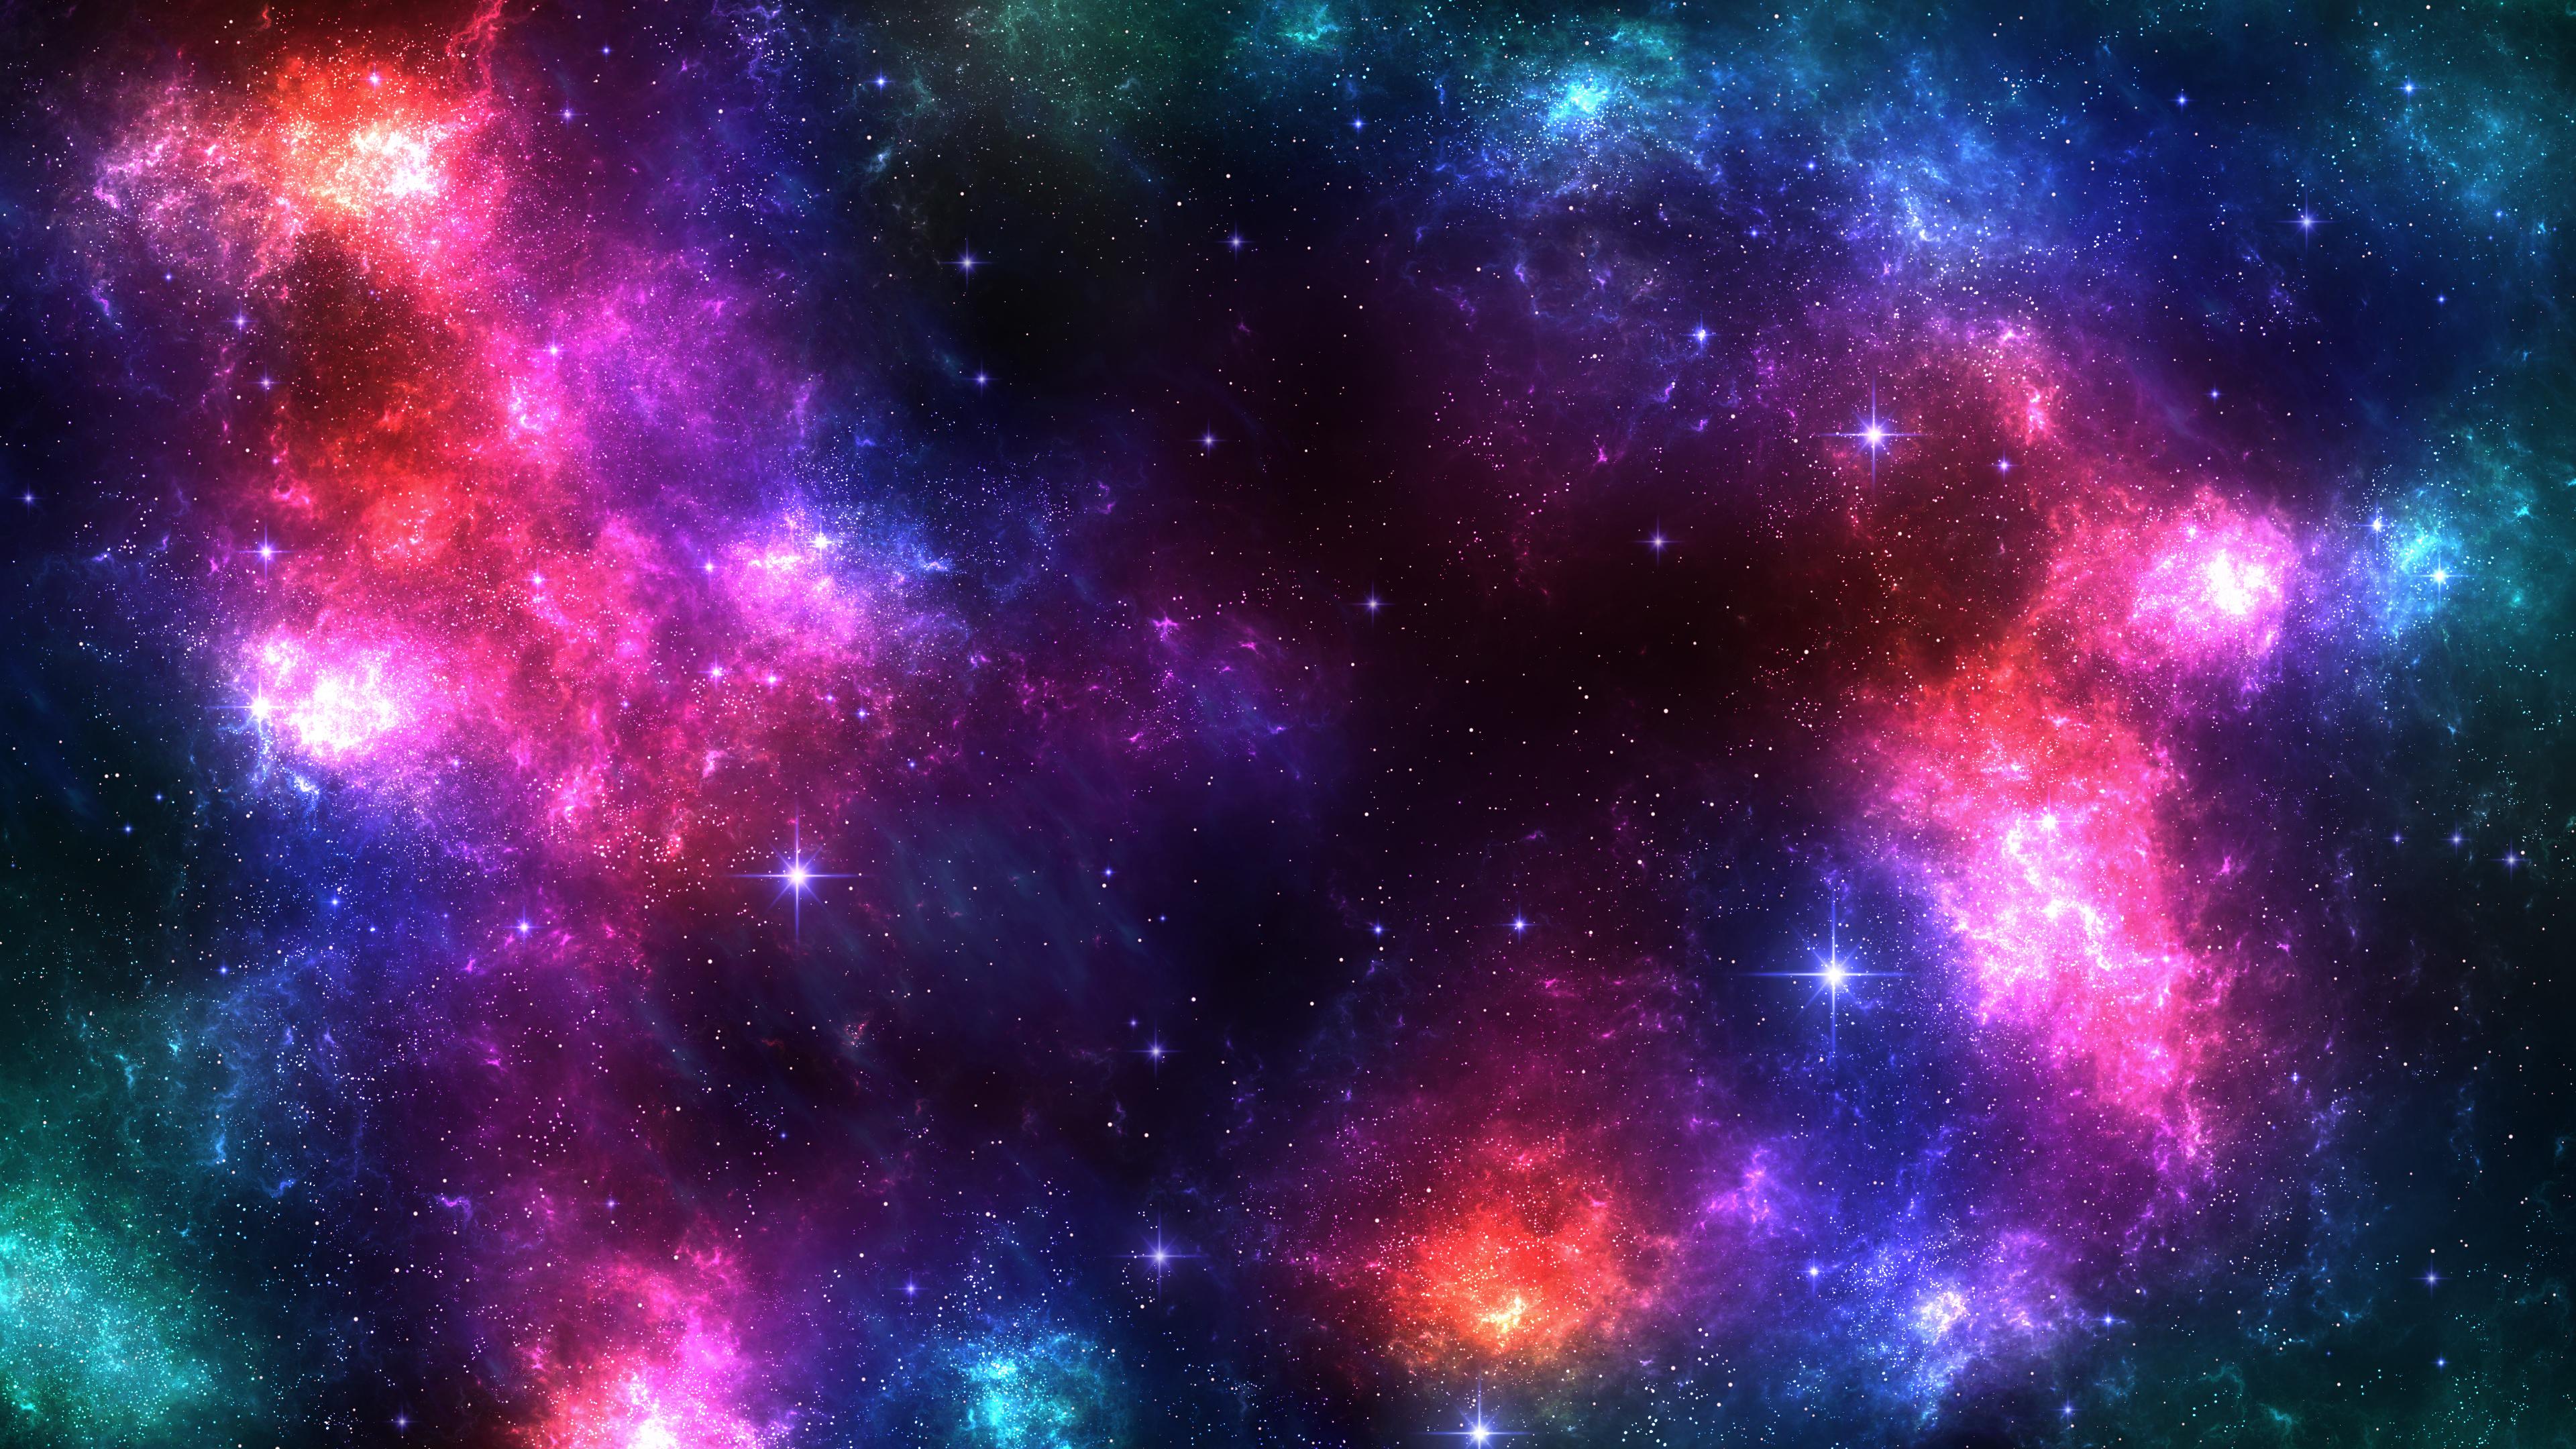 Space Scape Colourverse 4k, HD Digital Universe, 4k ...